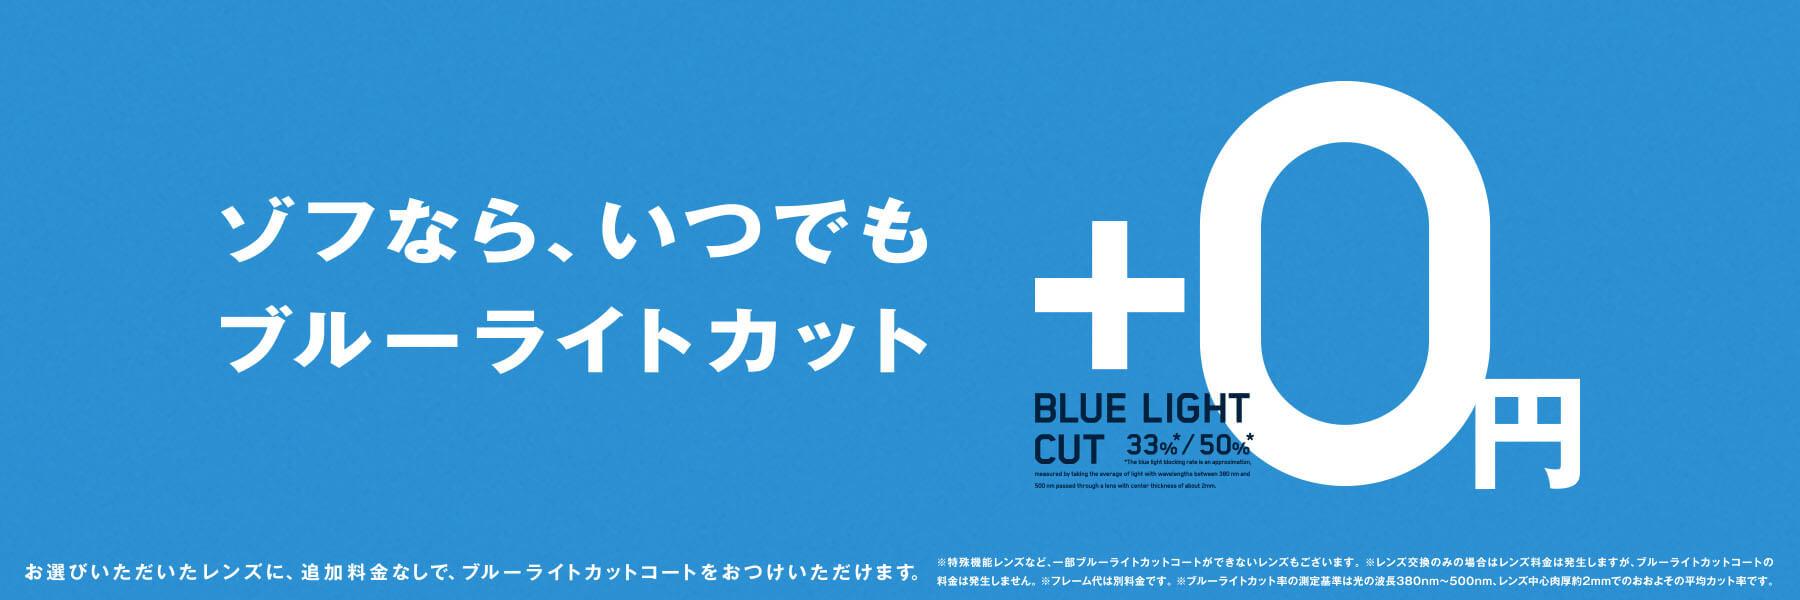 ブルーライト0円